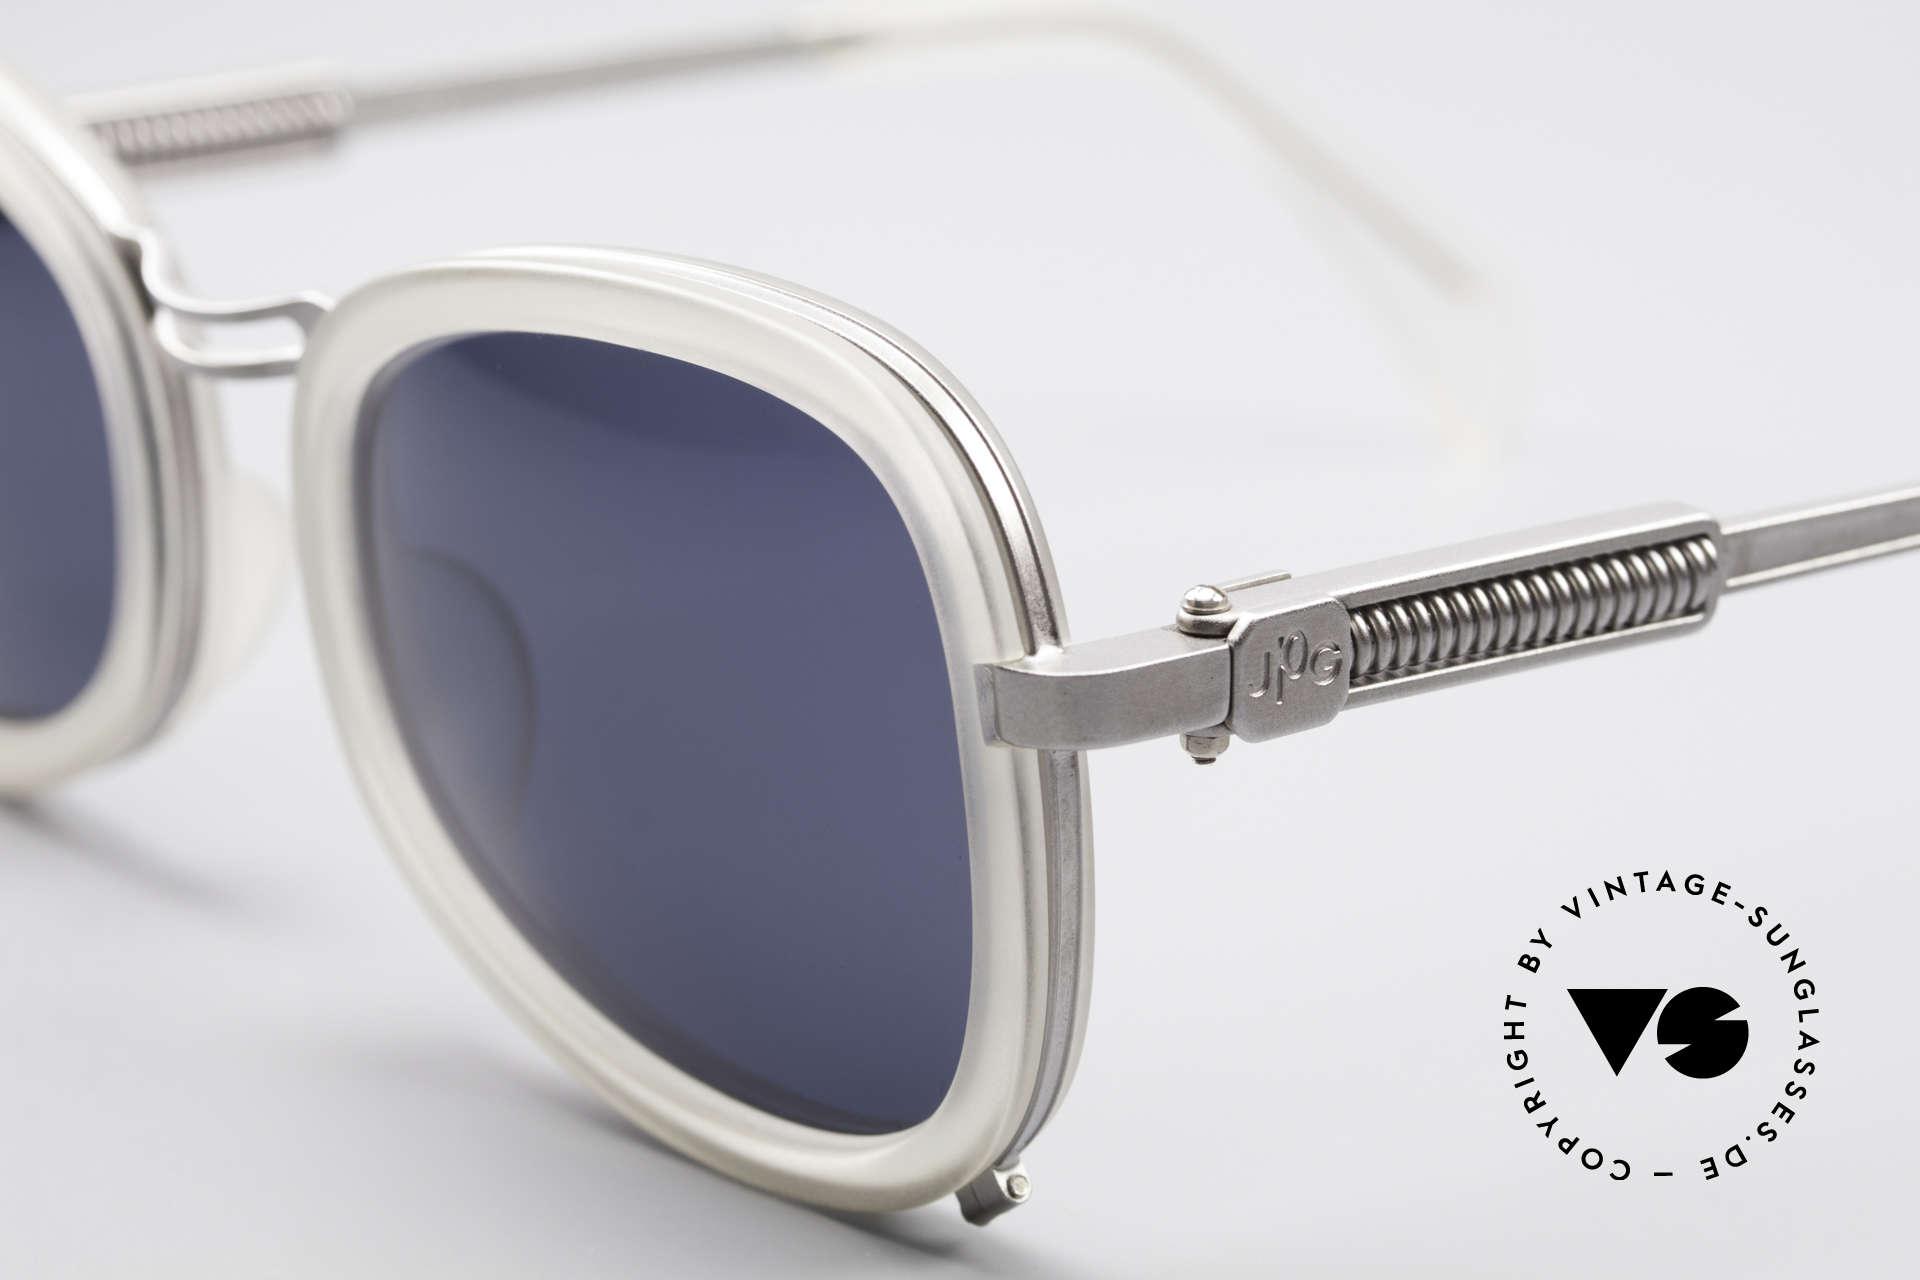 Jean Paul Gaultier 56-1271 90er Steampunk Sonnenbrille, flexible Federscharniere (für eine optimale Passform), Passend für Herren und Damen